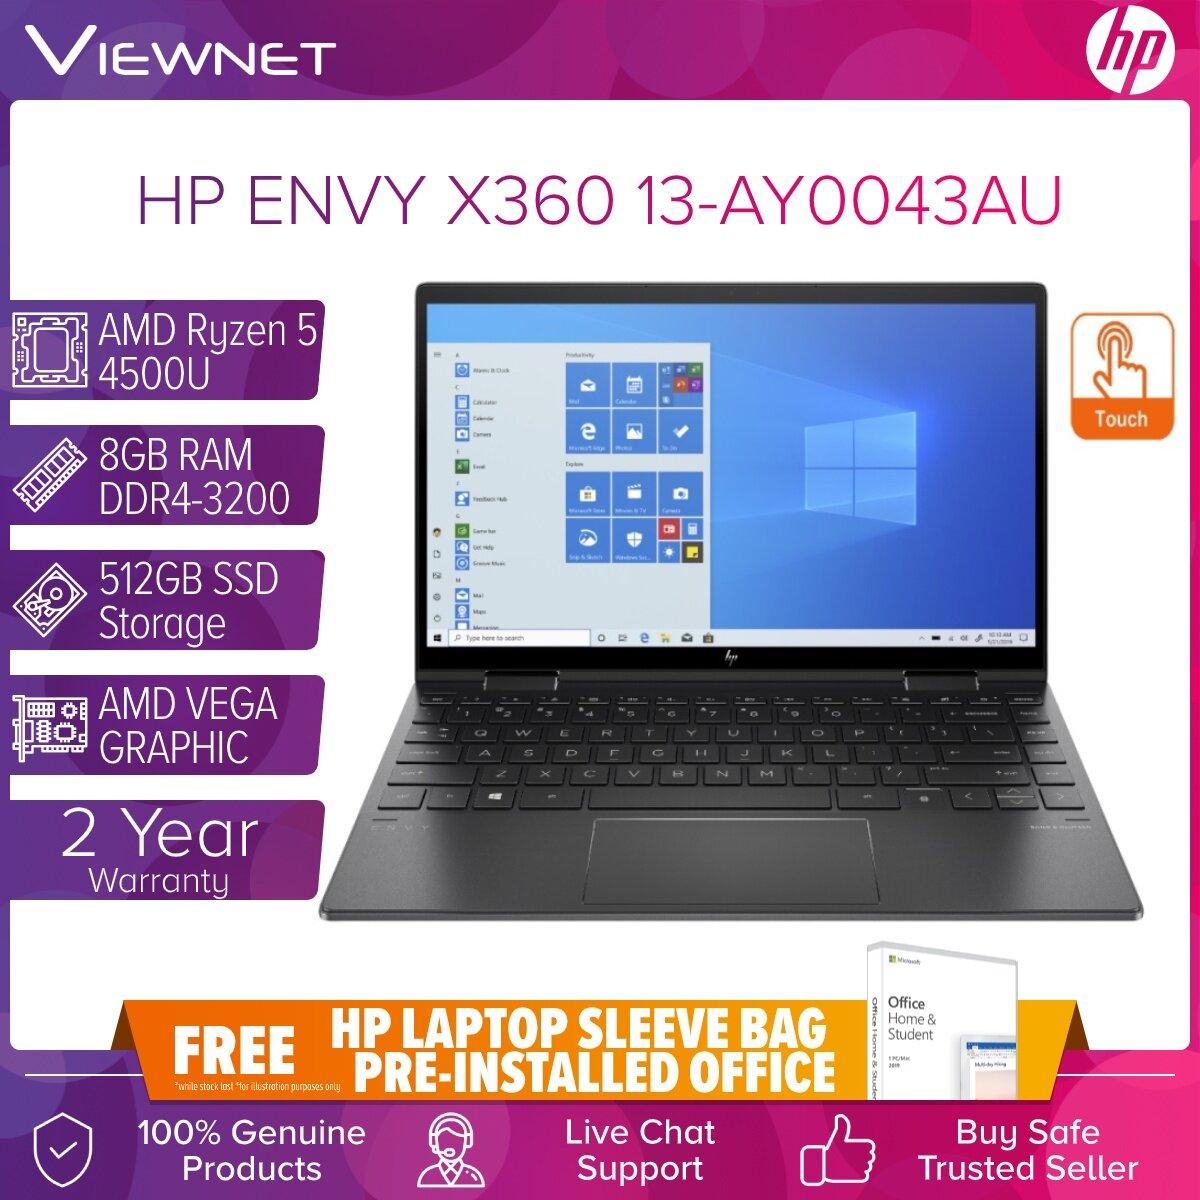 HP ENVY X360 13-AY0043AU (2 IN 1) CONVERTIBLE LAPTOP AMD RYZEN 5 4500U 8GB DDR4 512GB SSD AMD RADEON W10 13.3